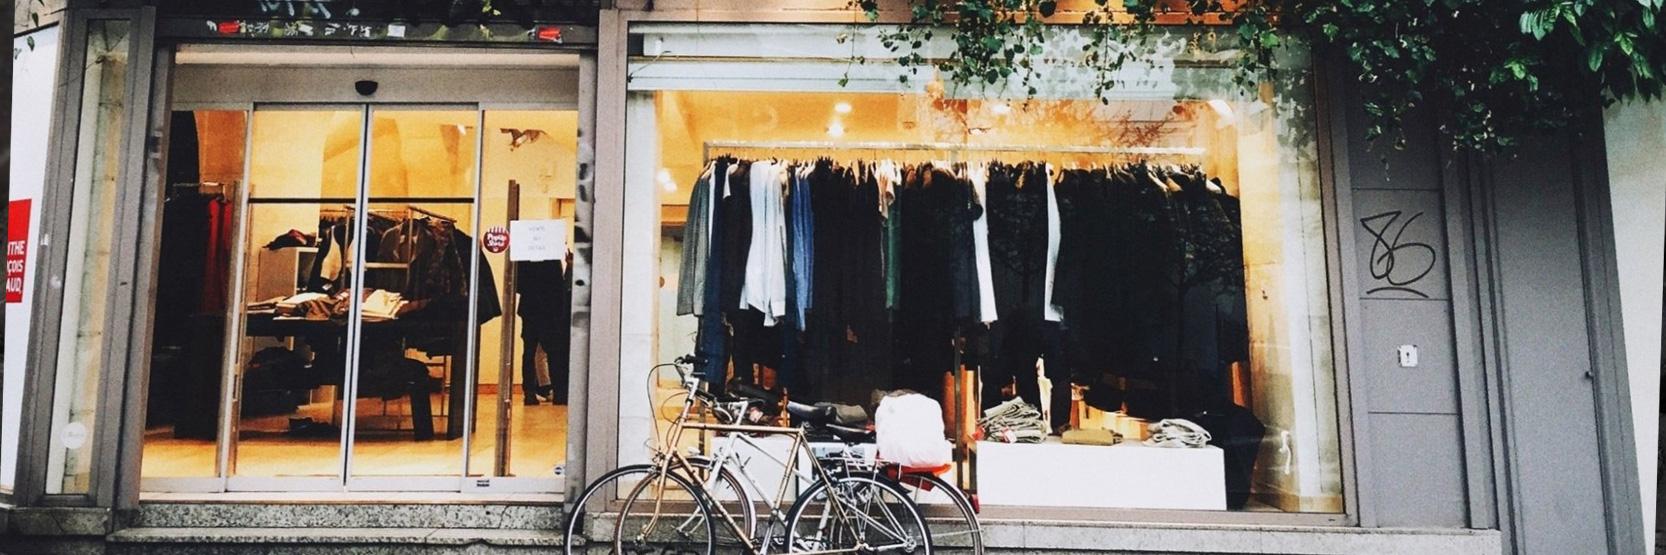 أفضل ماركات الملابس دليل ماركات الملابس المشهورة عالمياً